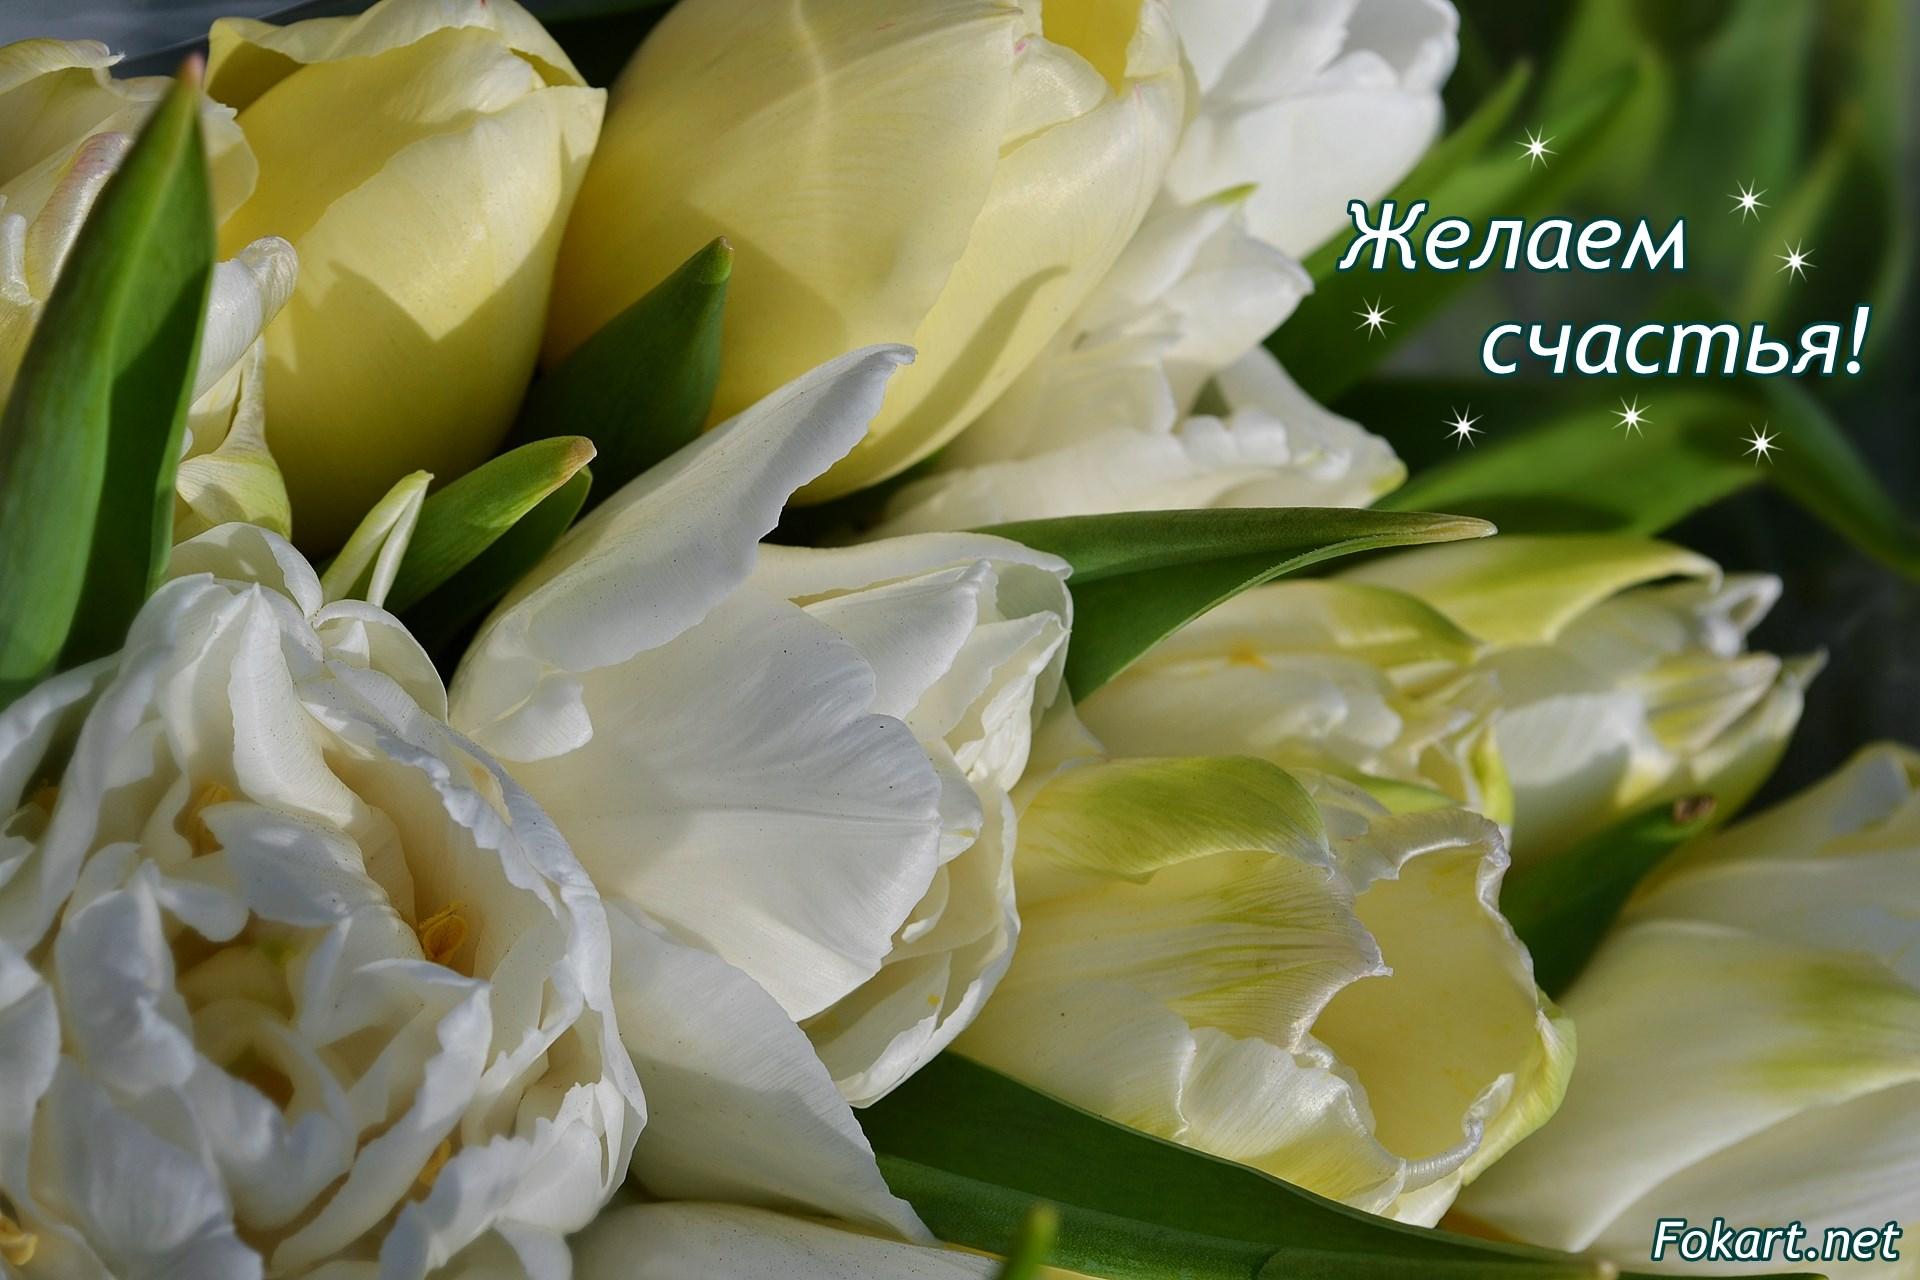 Светлые, белые и желтовато-салатовые тюльпаны. Праздничные обои